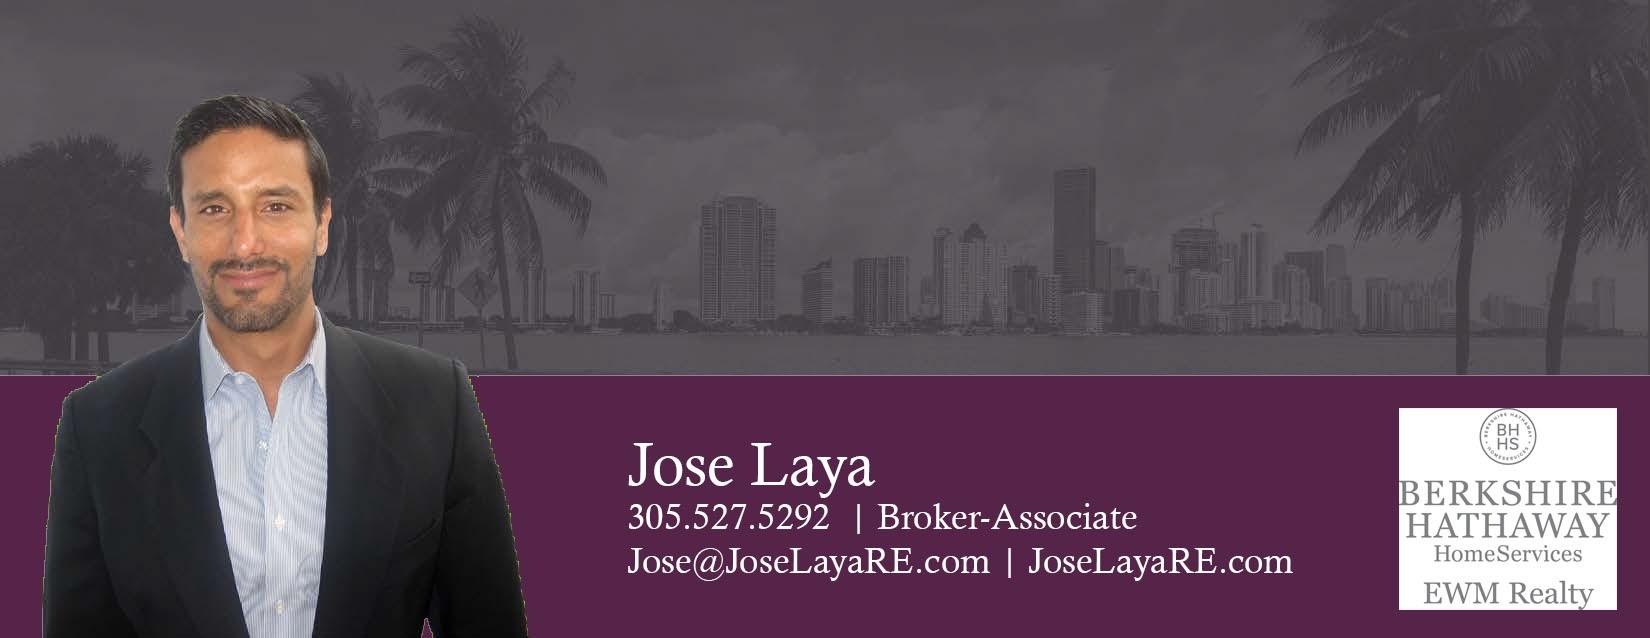 Jose Laya, P.A. - BHHS EWM Realty, 419 W 41st Street, Miami Beach, FL 33140